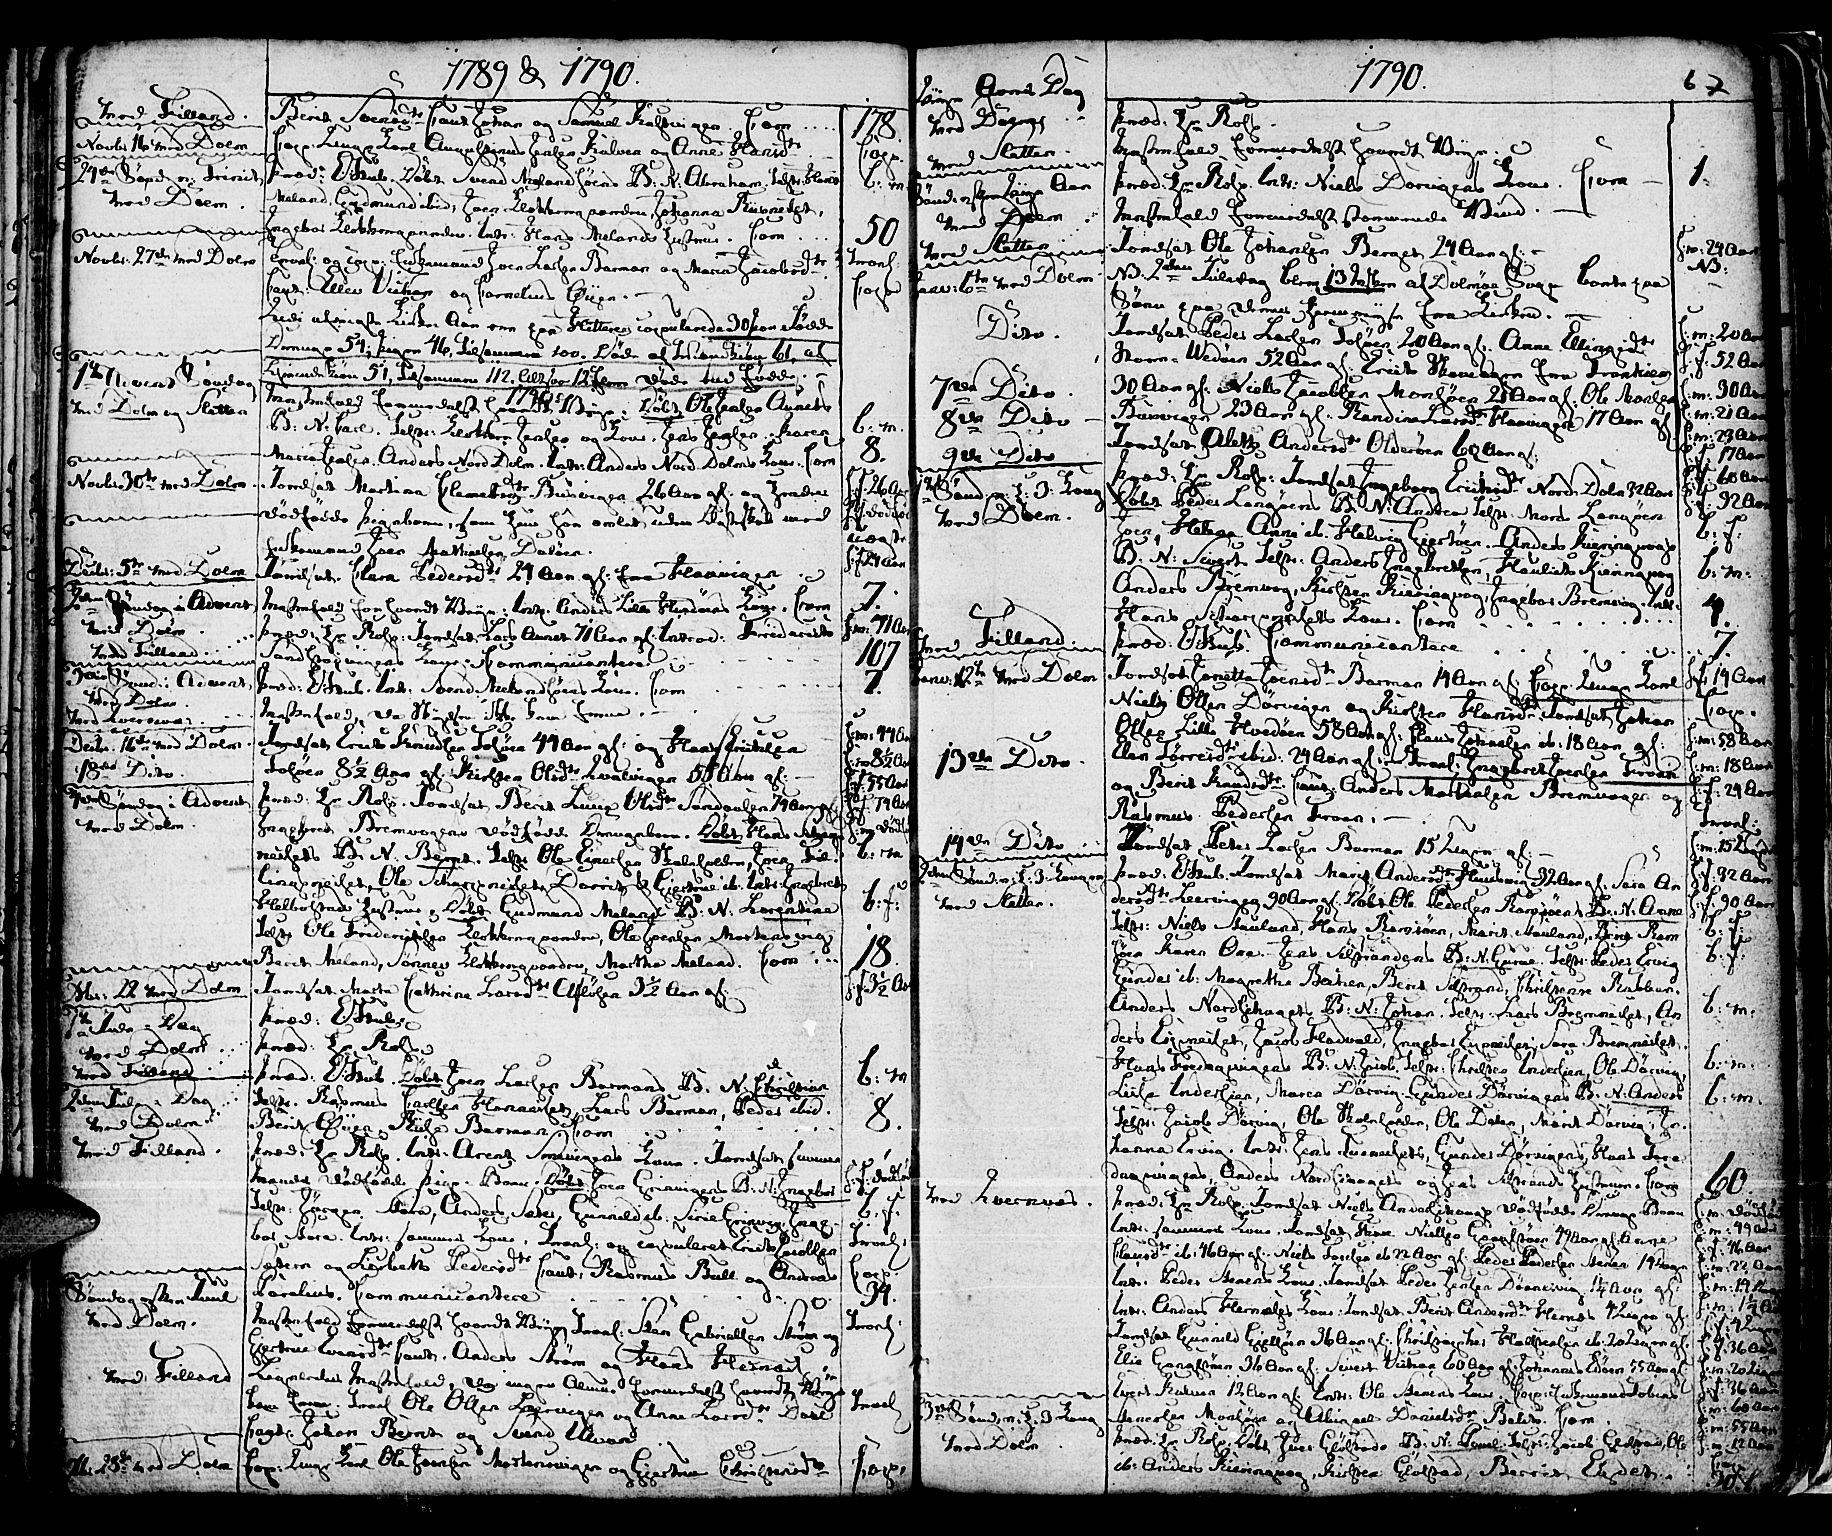 SAT, Ministerialprotokoller, klokkerbøker og fødselsregistre - Sør-Trøndelag, 634/L0526: Ministerialbok nr. 634A02, 1775-1818, s. 67